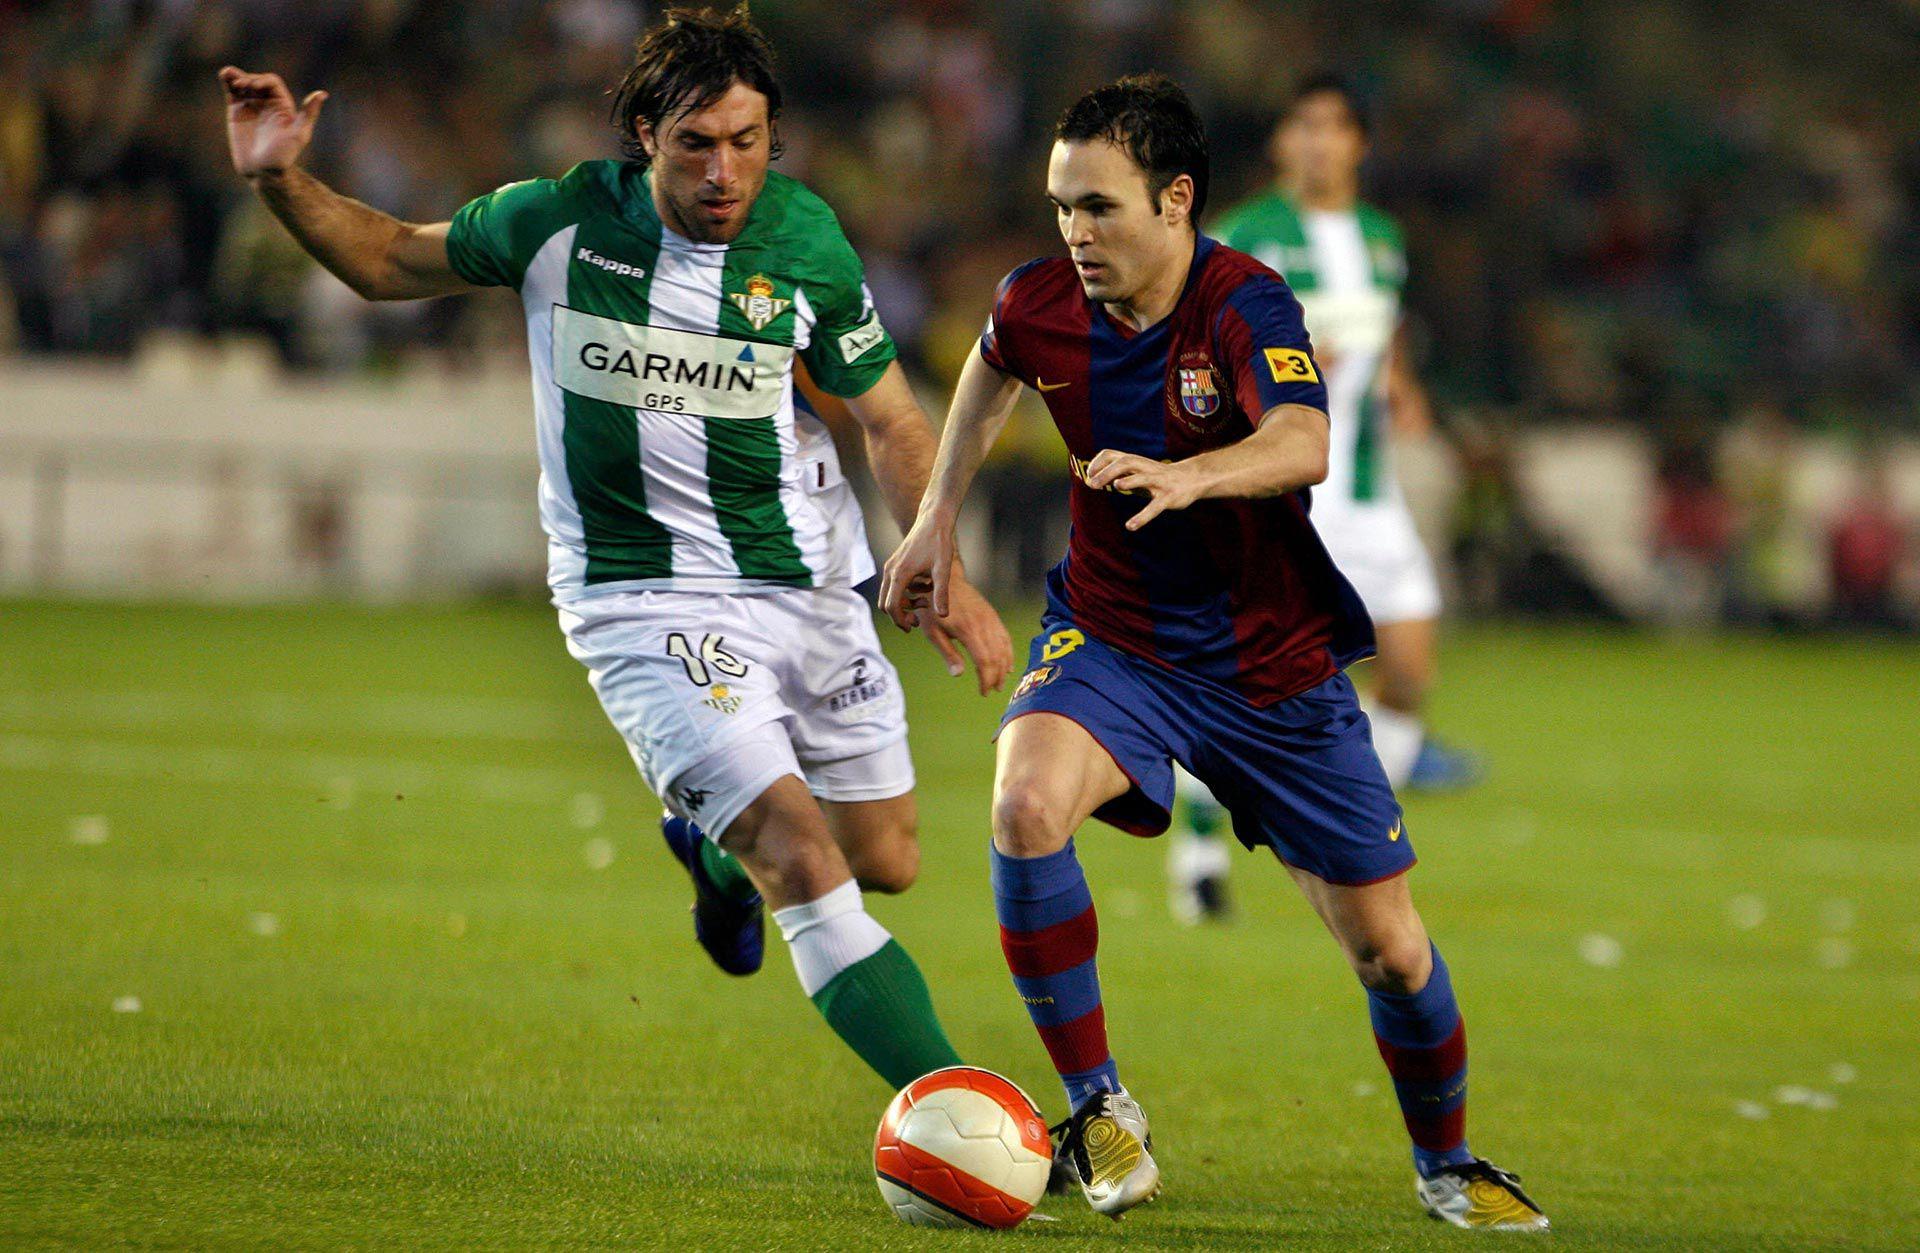 Mariano Pavone Betis - Iniesta Barcelona